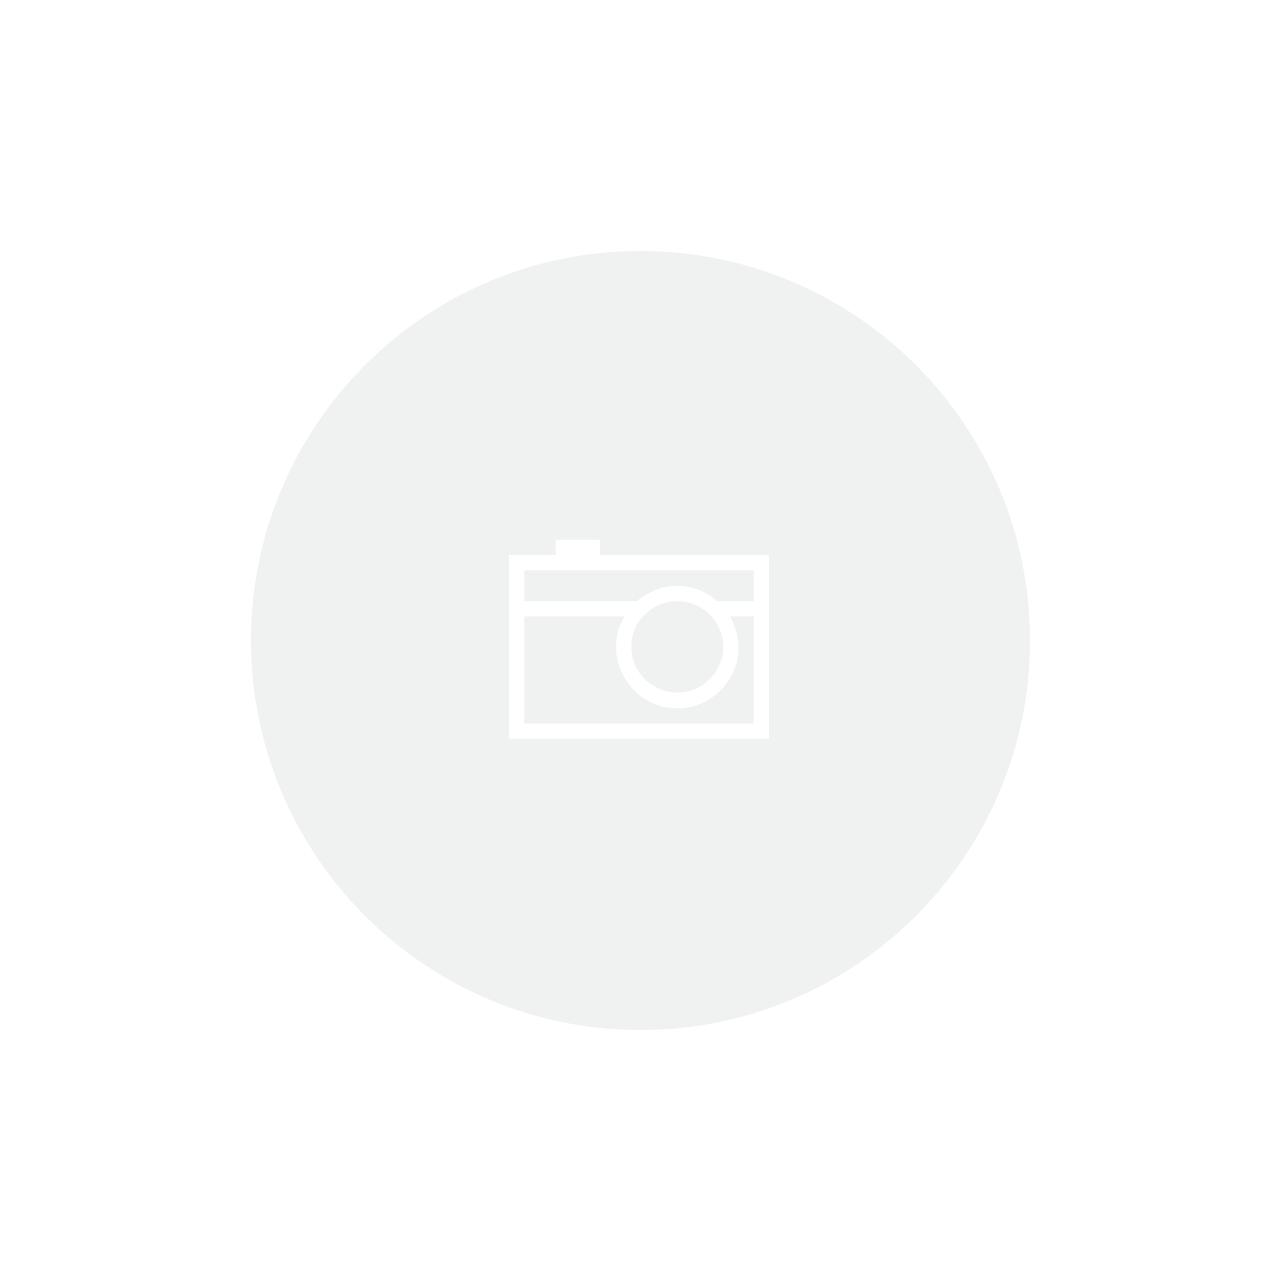 Lâmina 5F - Oster